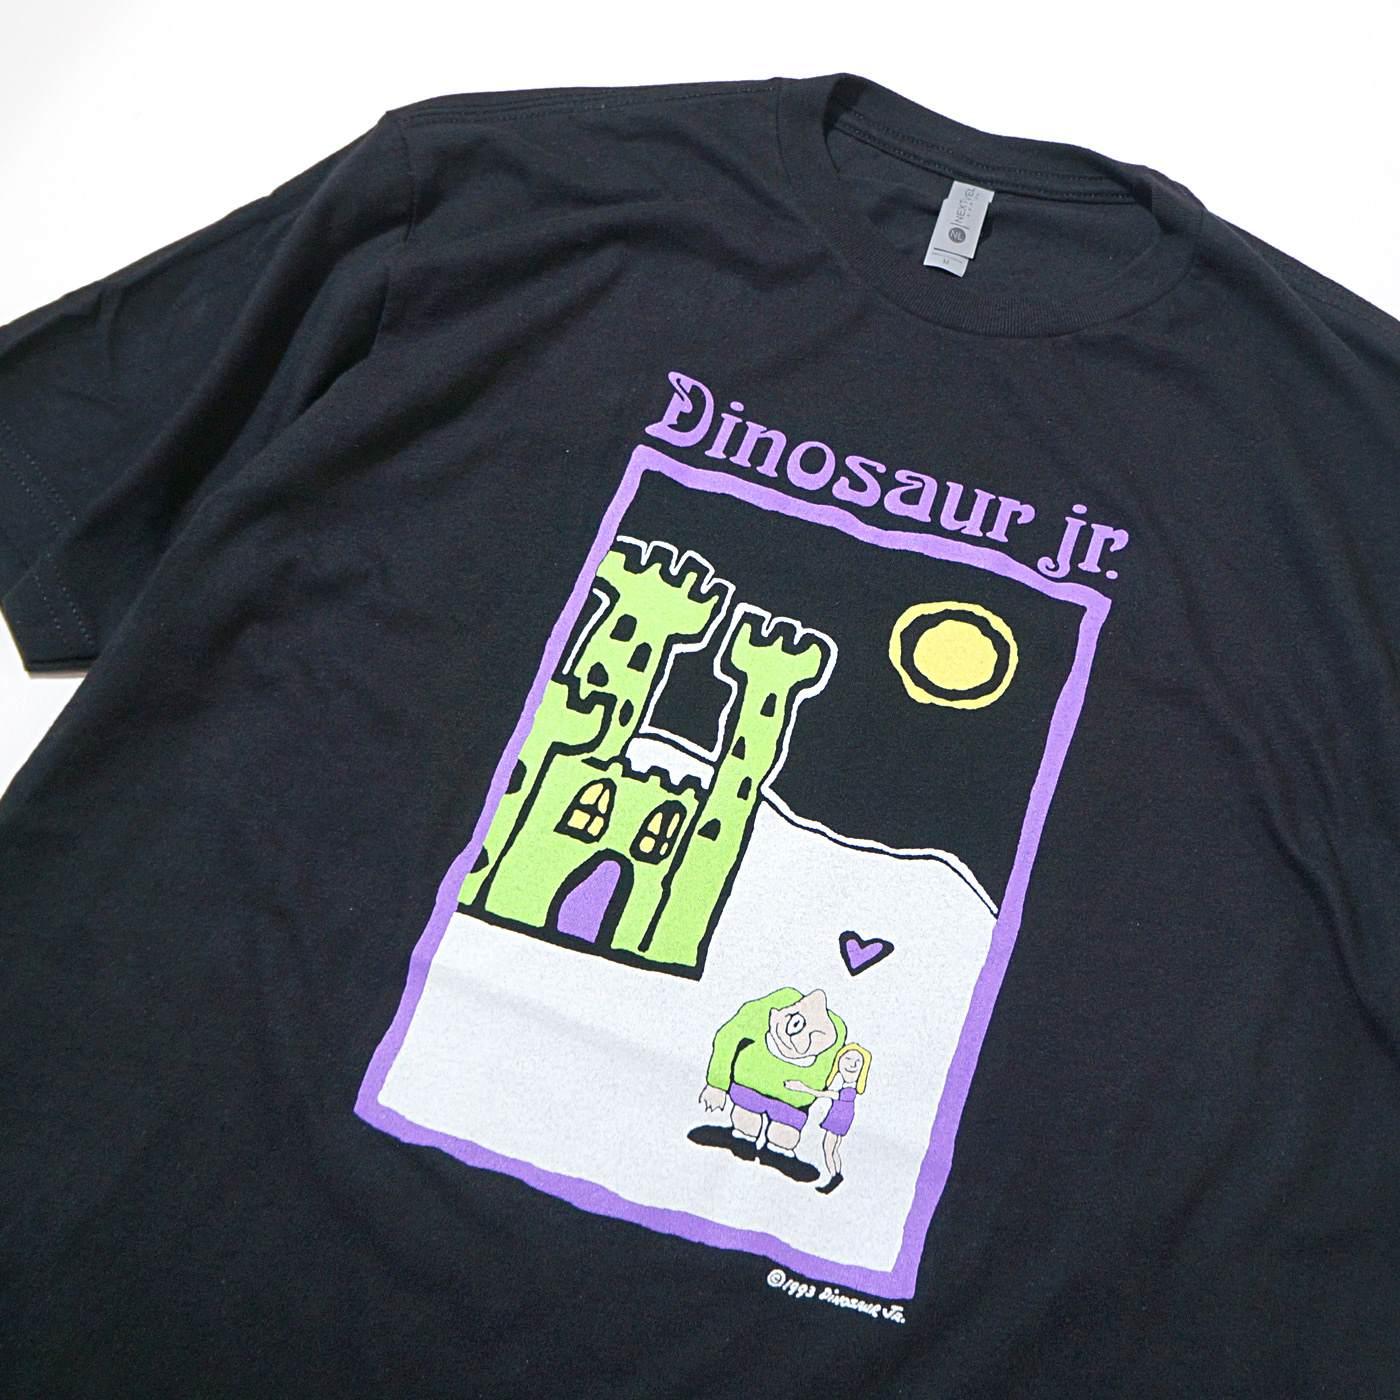 DINOSAUR Jr. Tシャツ Castle-Black